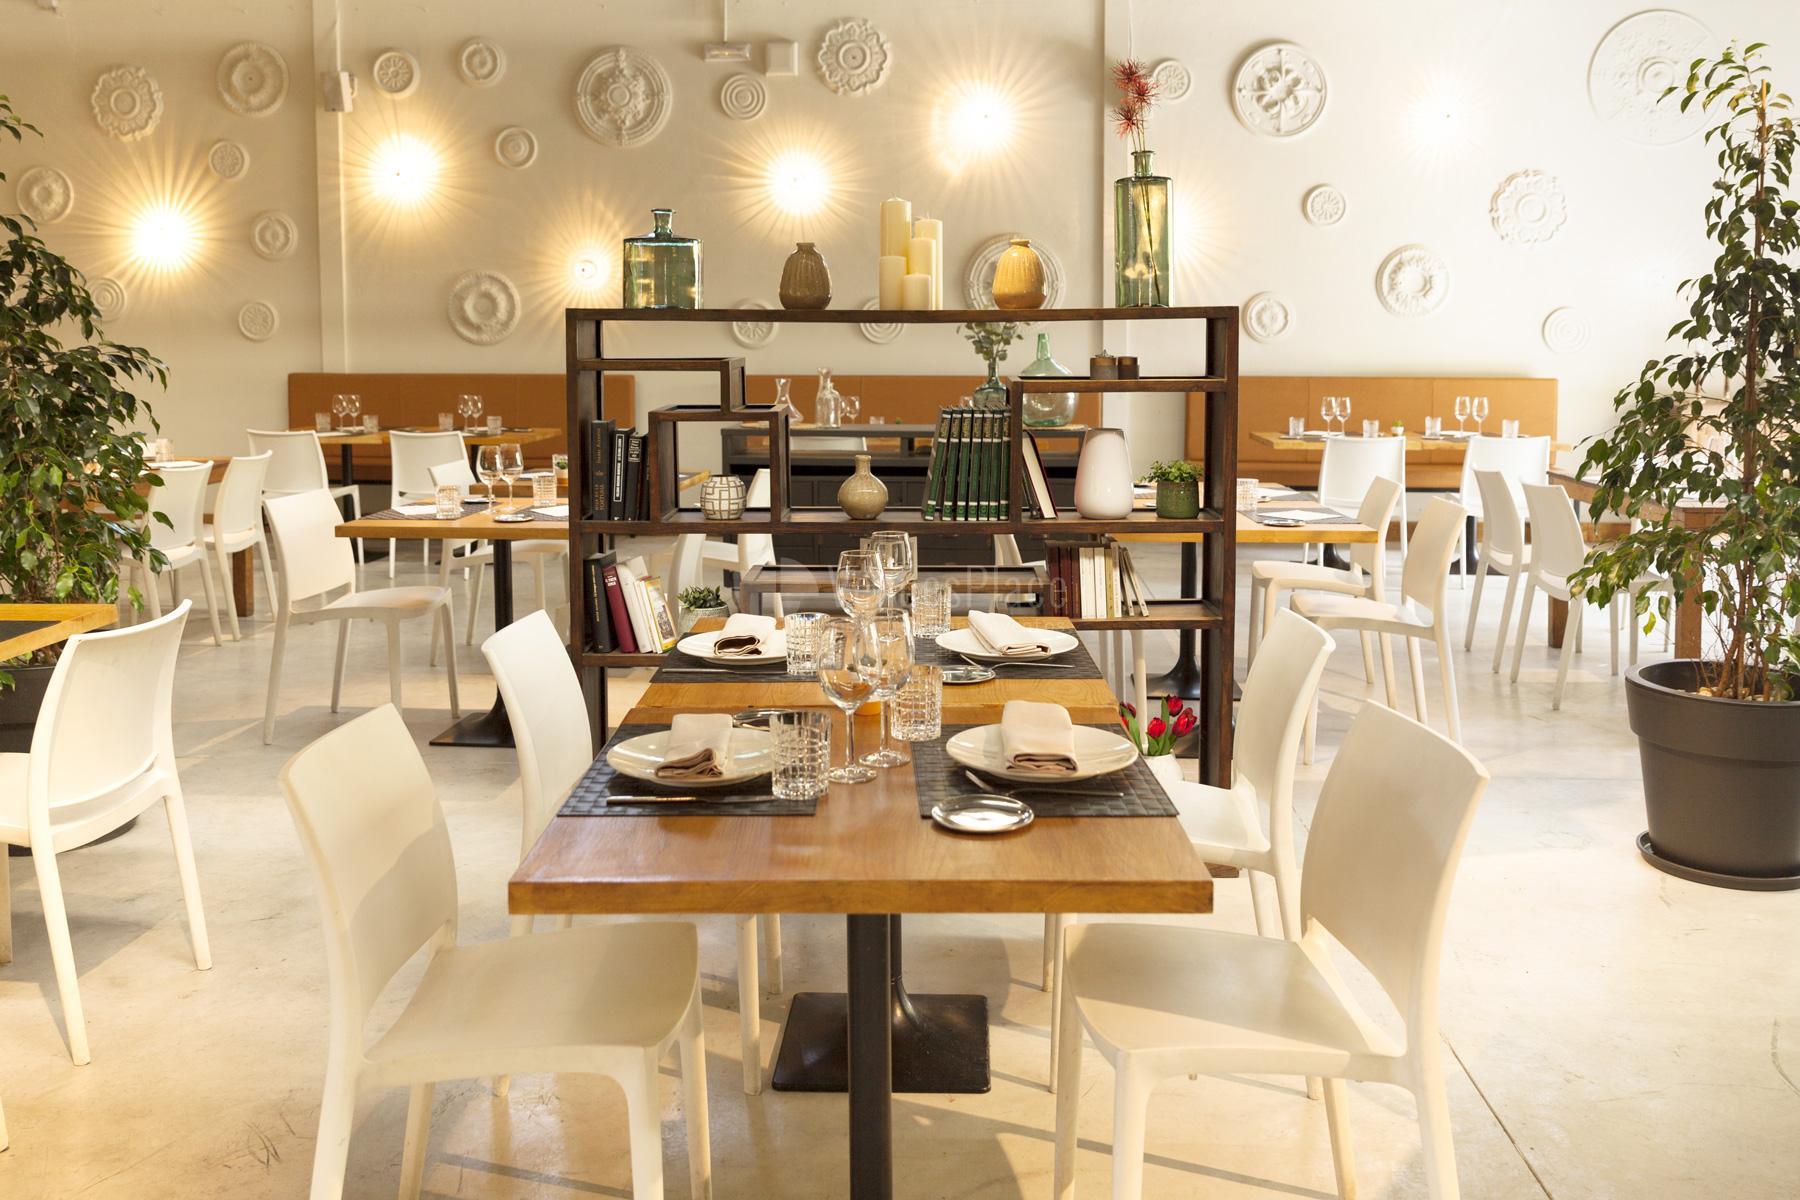 Fiestas de navidad, fiestas de empresa y otros eventos en Roseta Restaurante